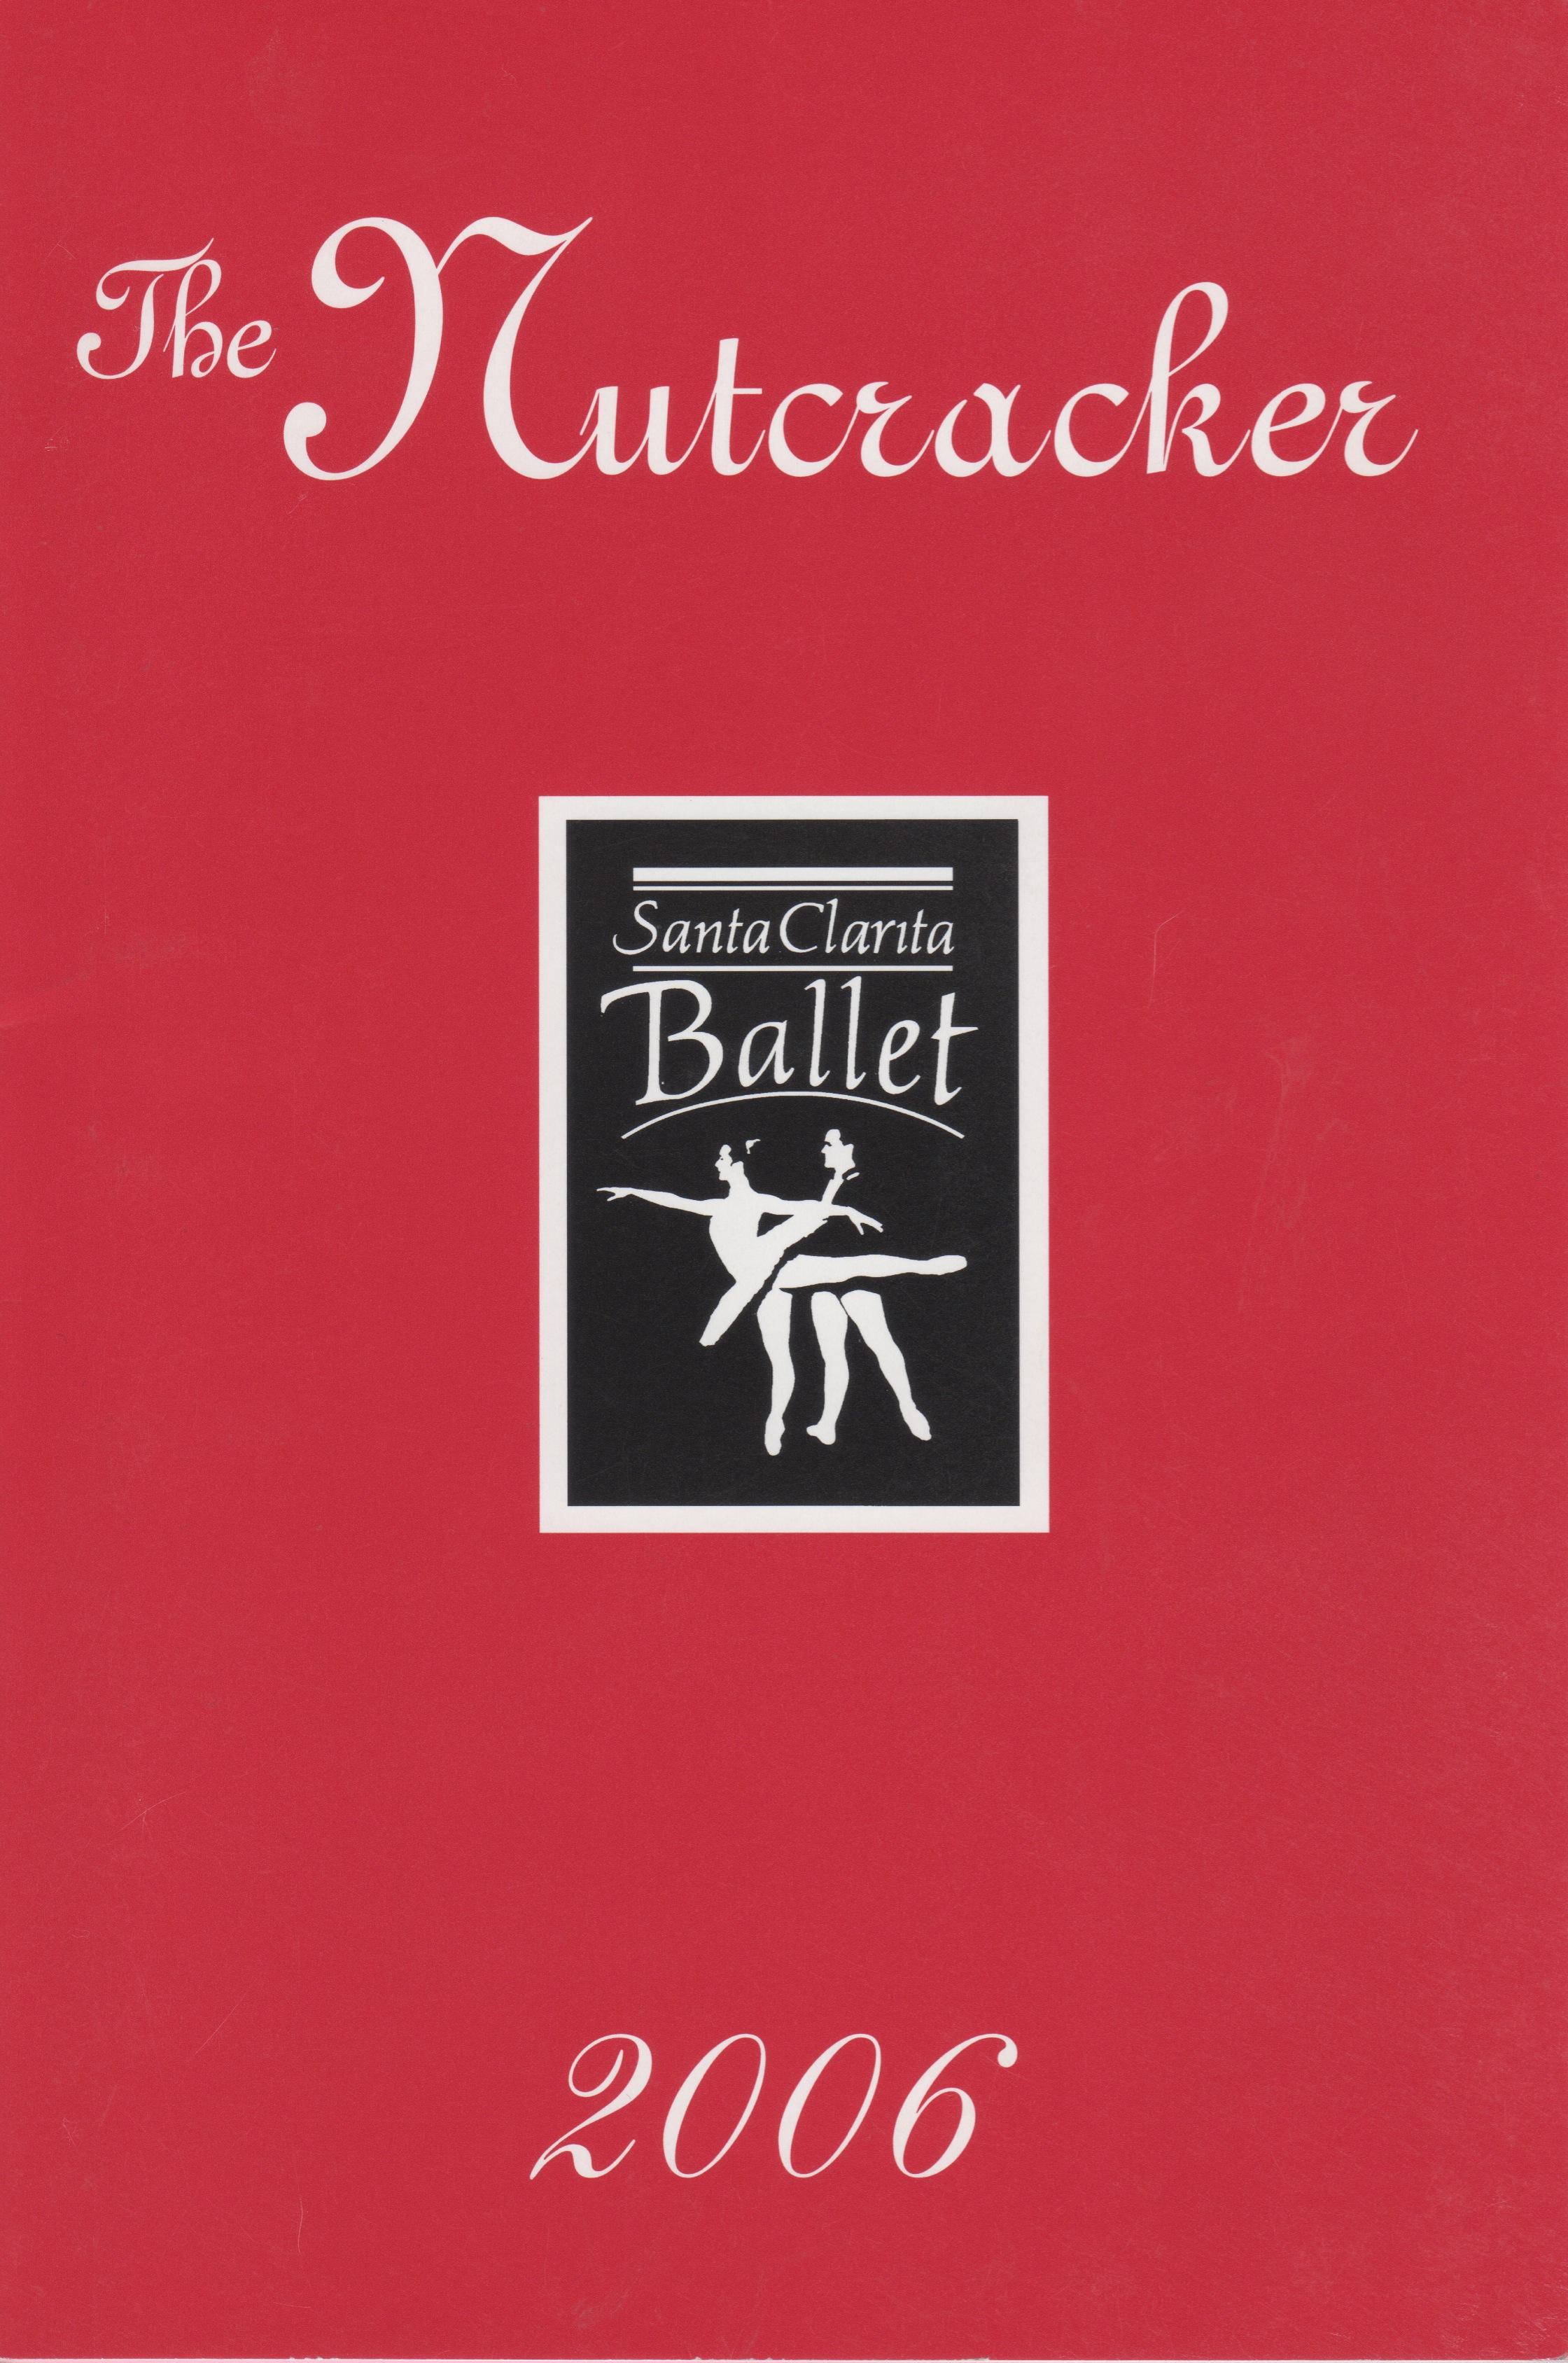 Nutcracker 2006.jpeg